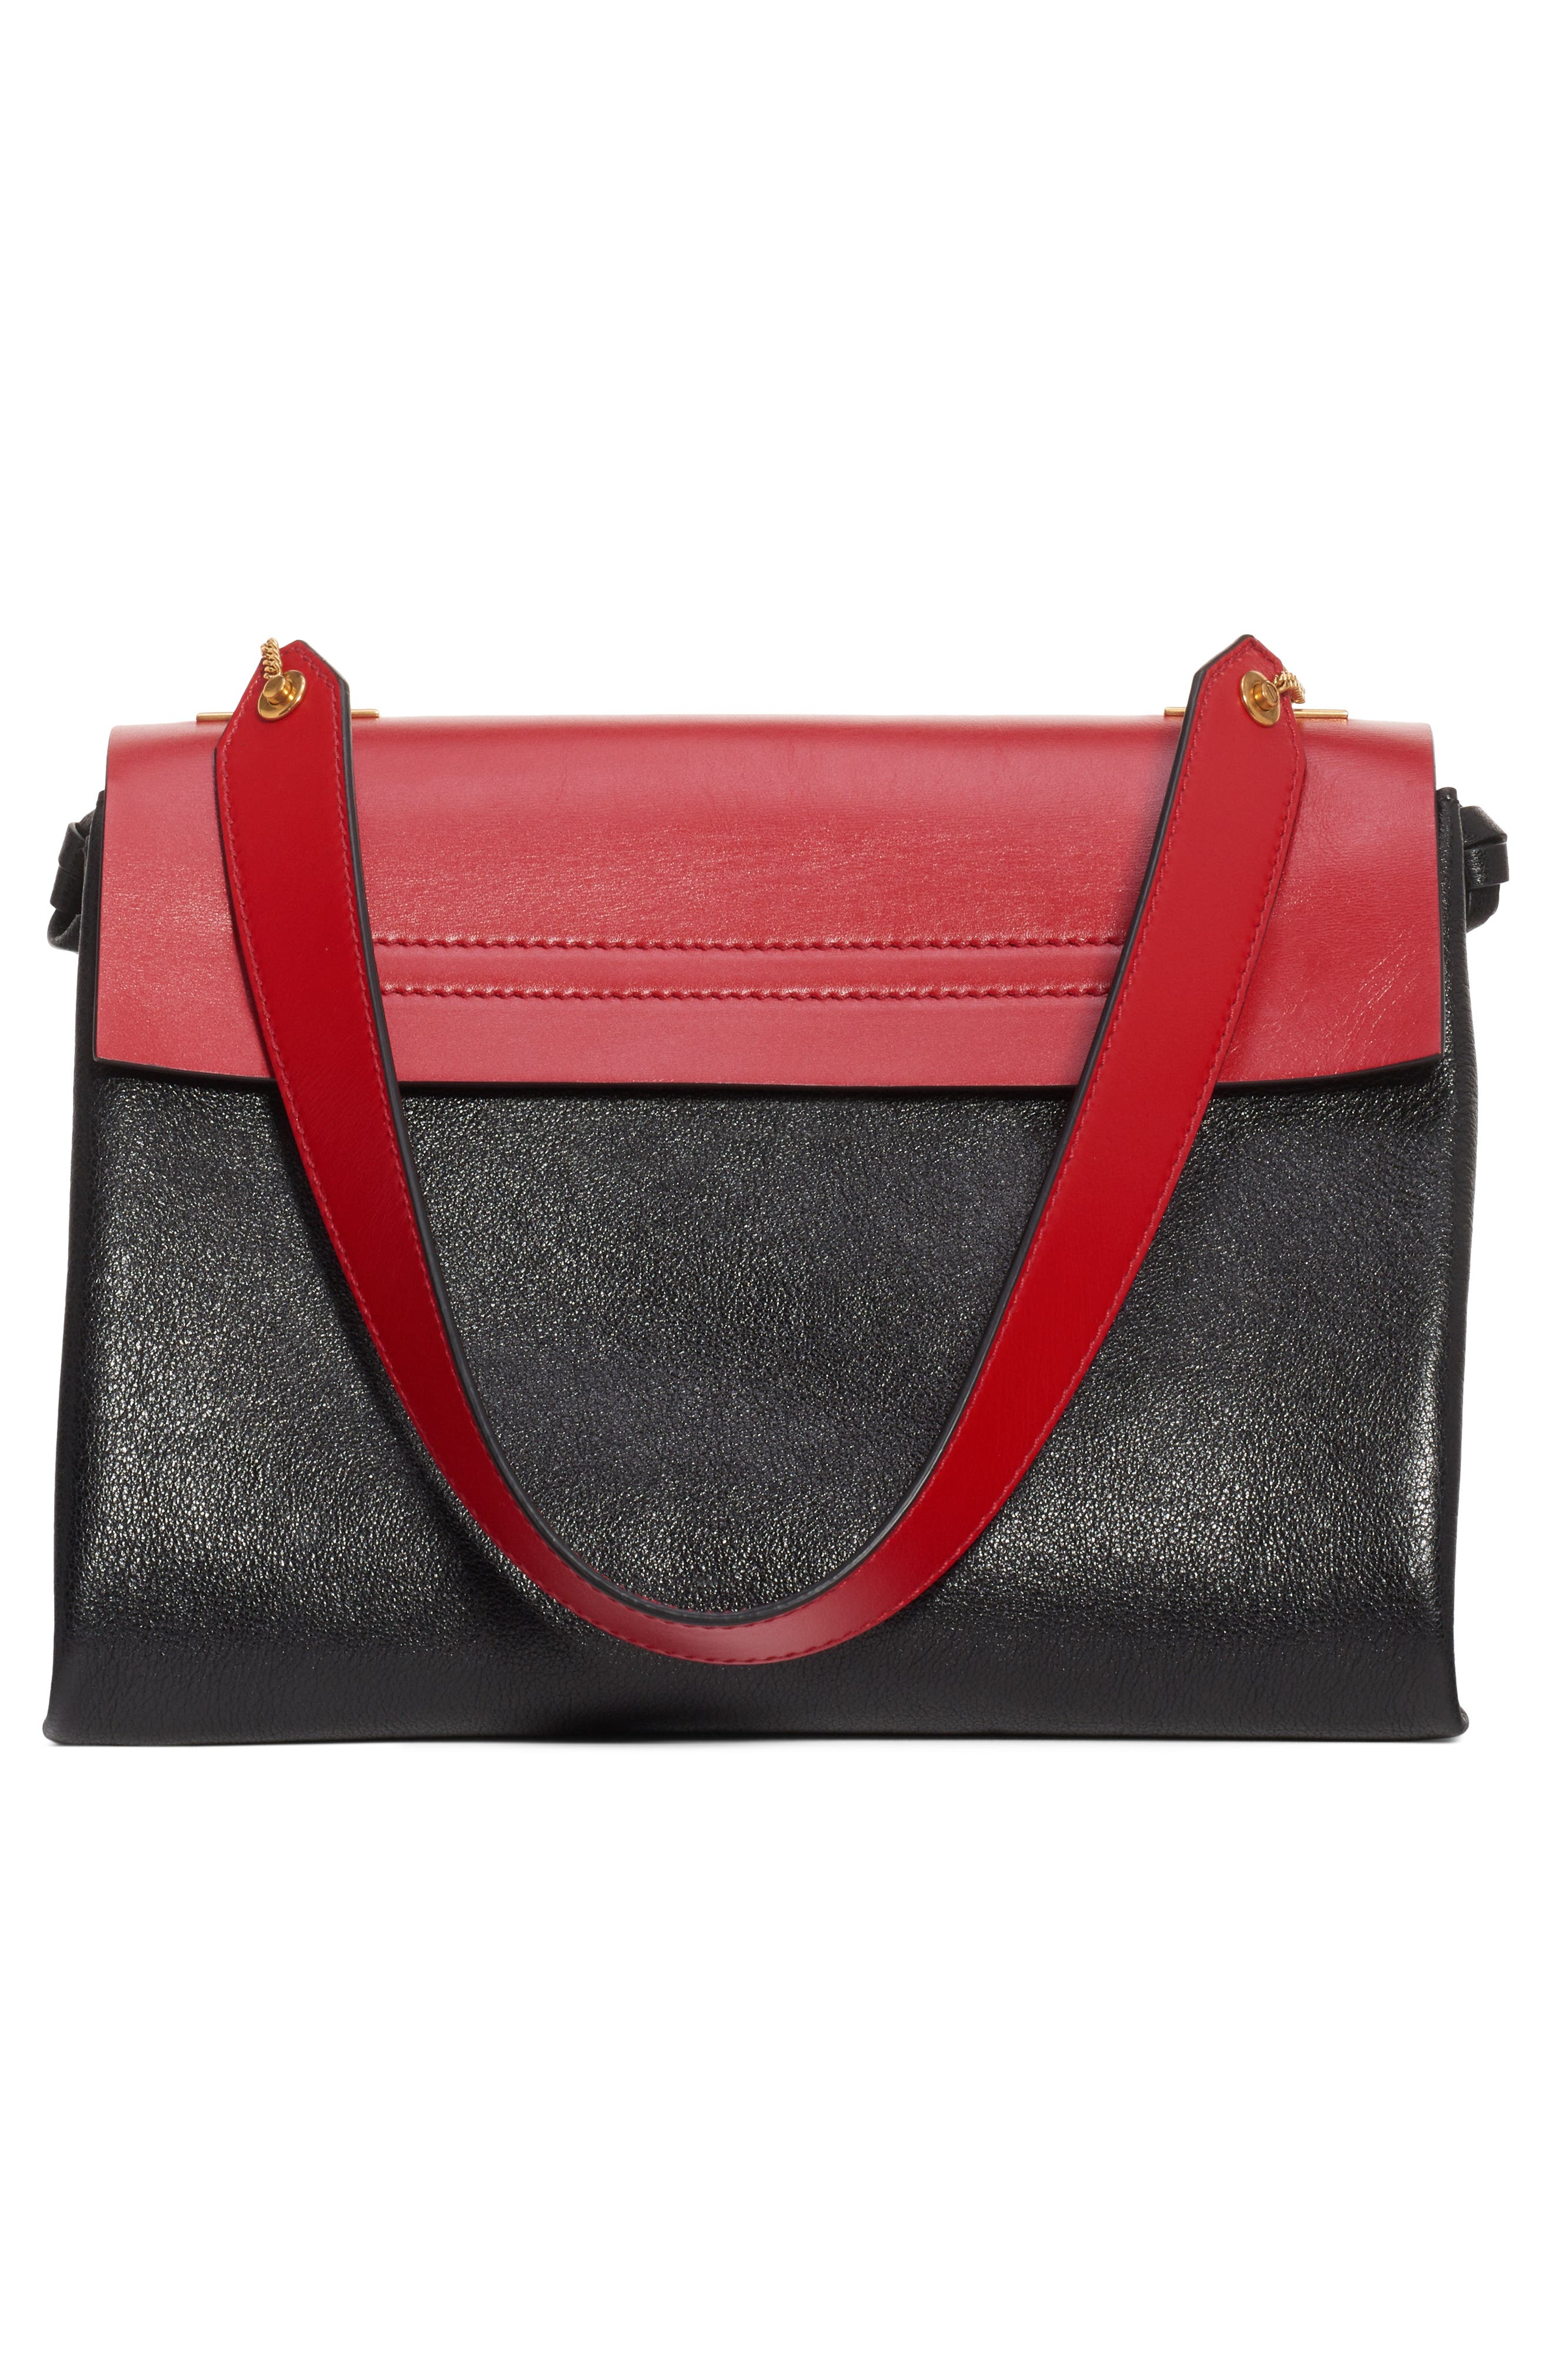 Medium V-Ring Leather Shoulder Bag,                             Alternate thumbnail 2, color,                             ROUGE PUR-CERISE/ NERO